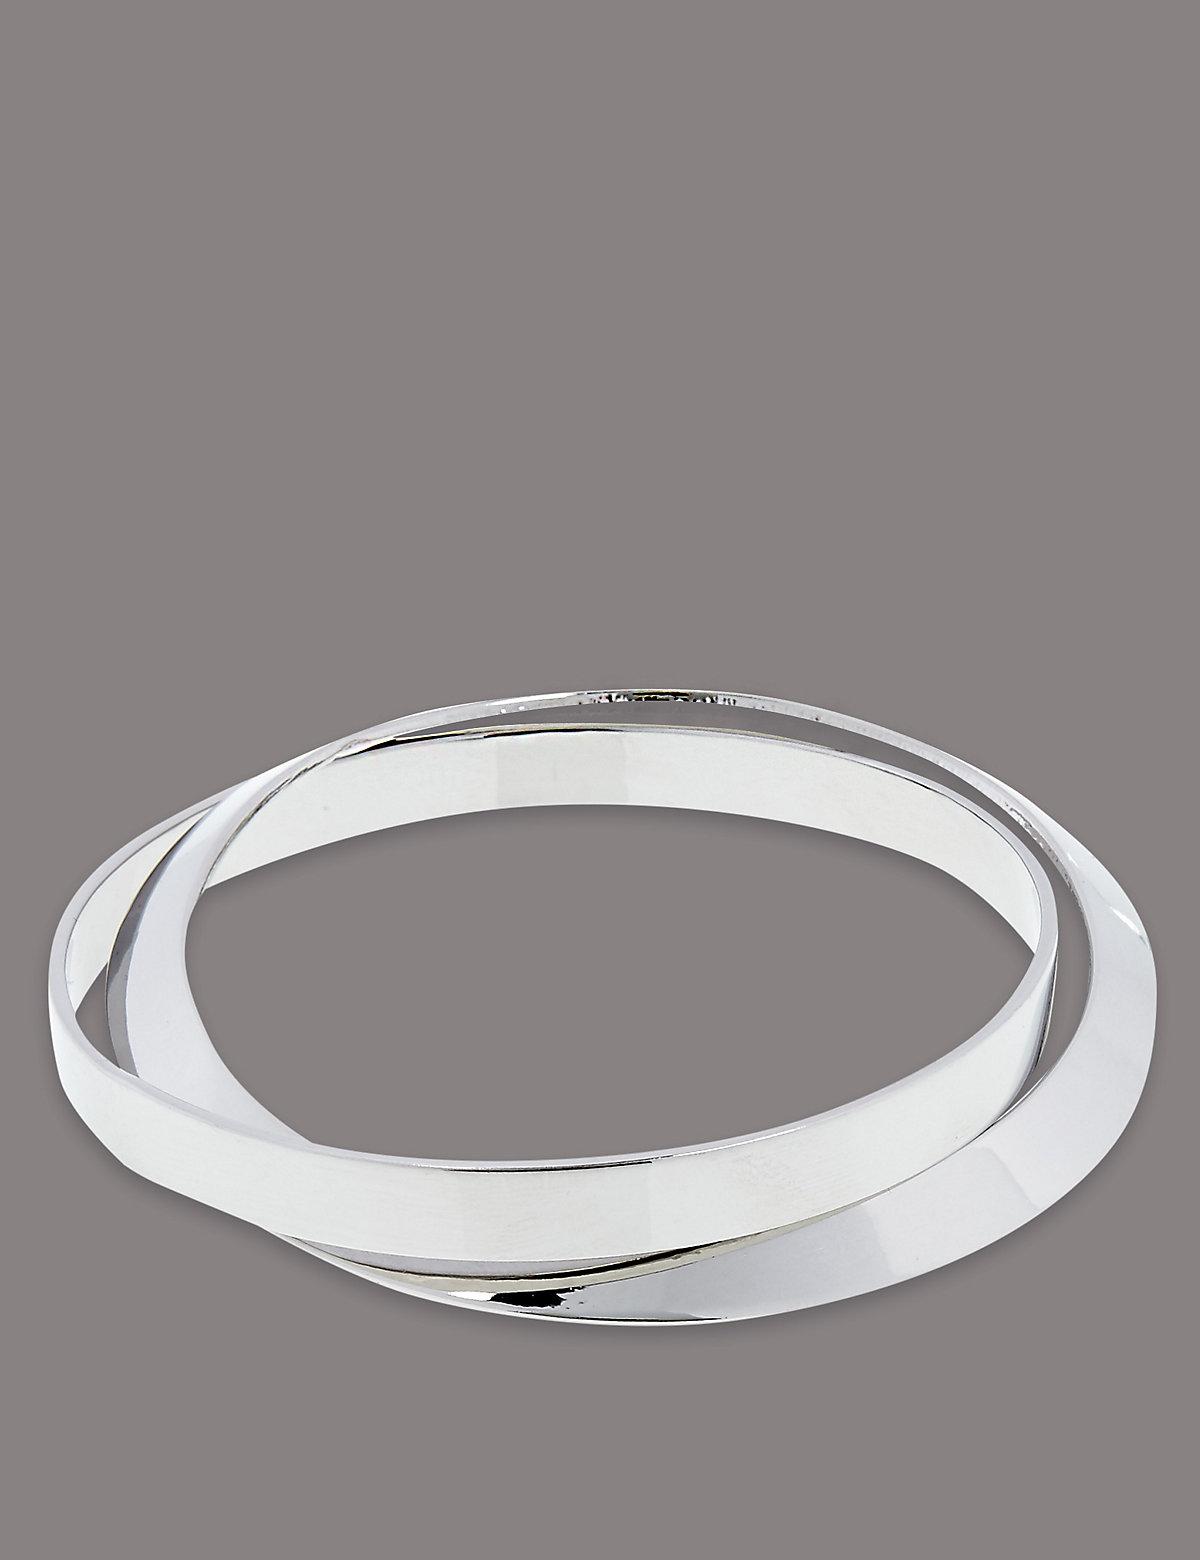 Autograph Clean Circle Bracelet